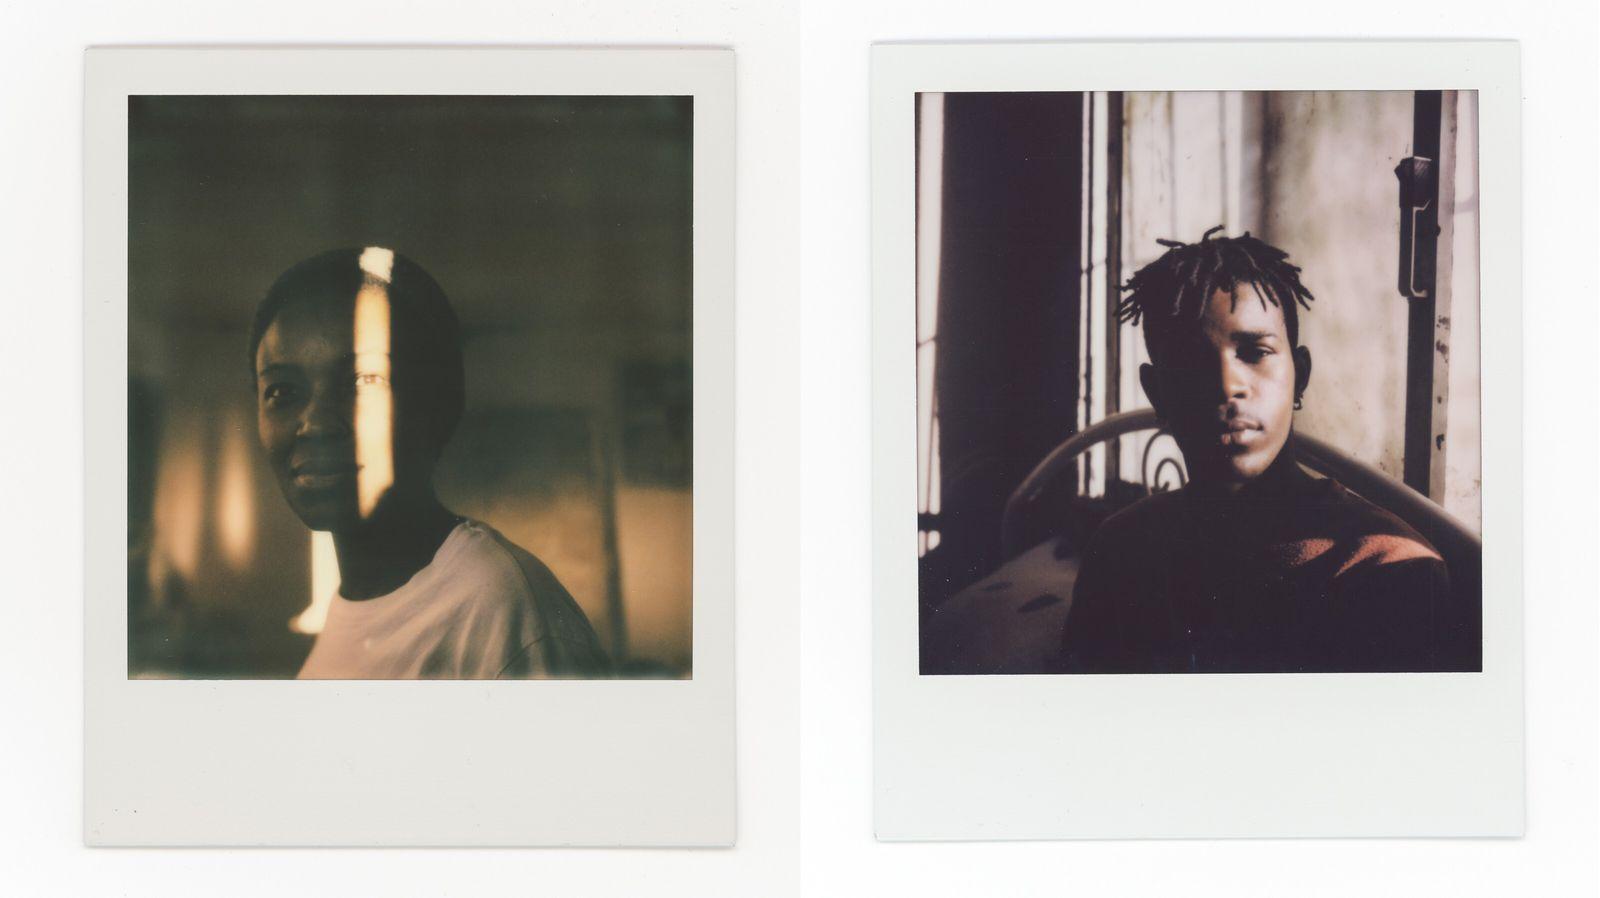 À esquerda: Aurora, 30 anos, posa para um retrato na sua casa. À direita: Asmir, 22 anos, namorado da Aurora, ...